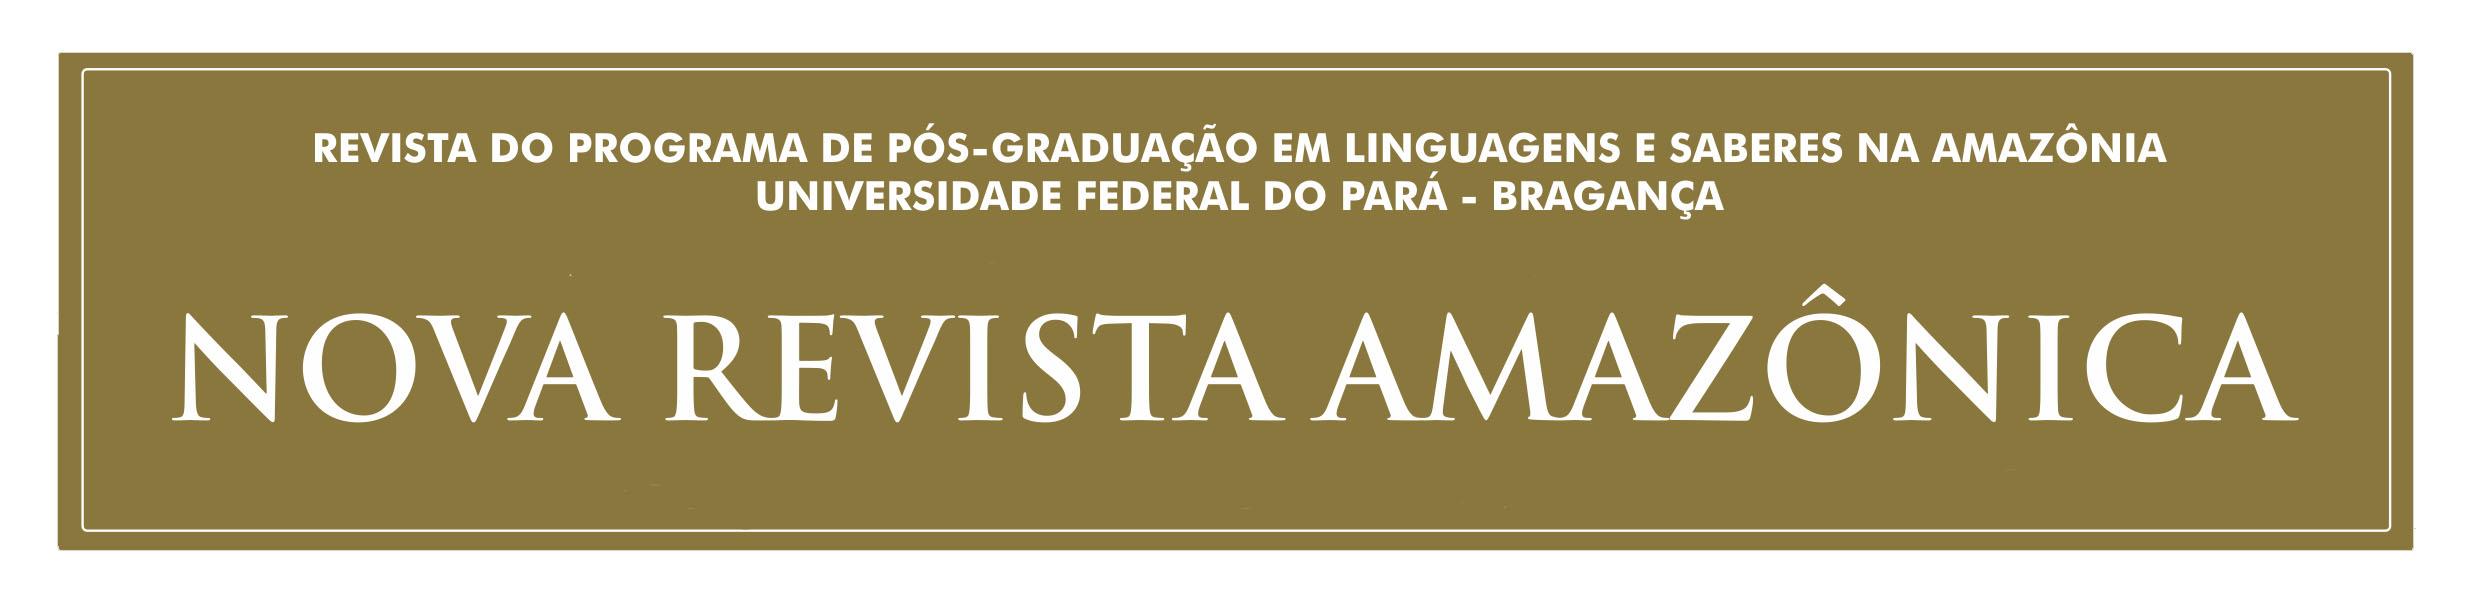 Nova Revista Amazônica - Revista do PPLSA, UFPA-Bragança